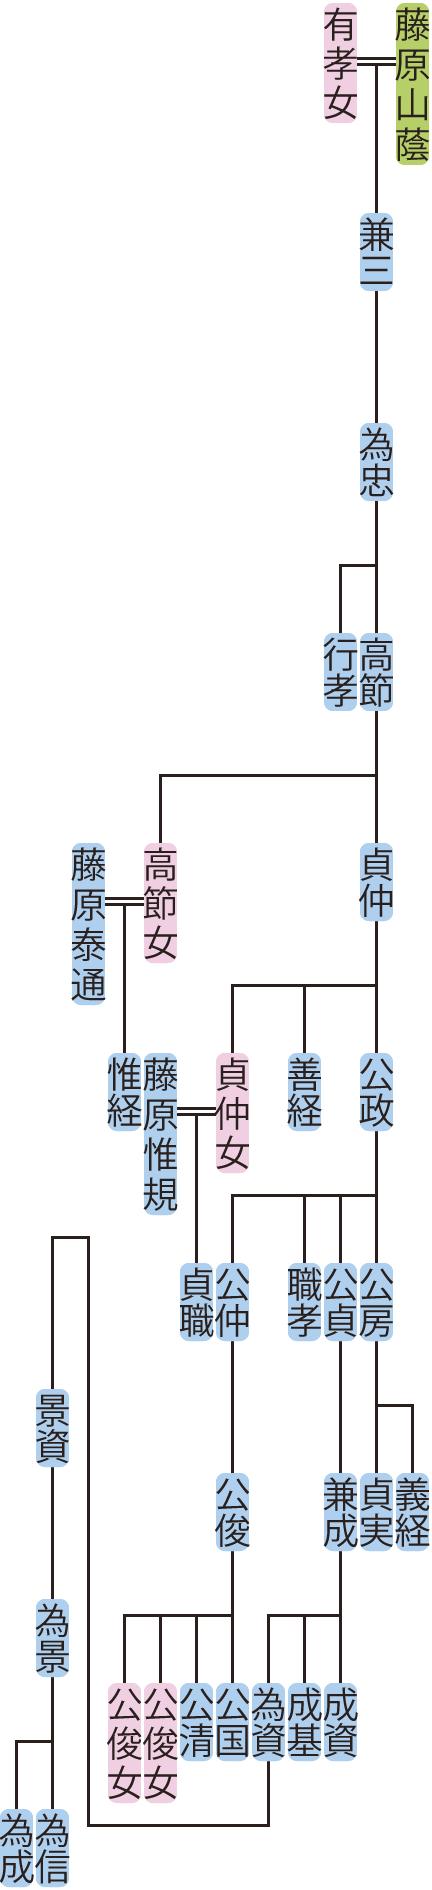 藤原為忠の系図